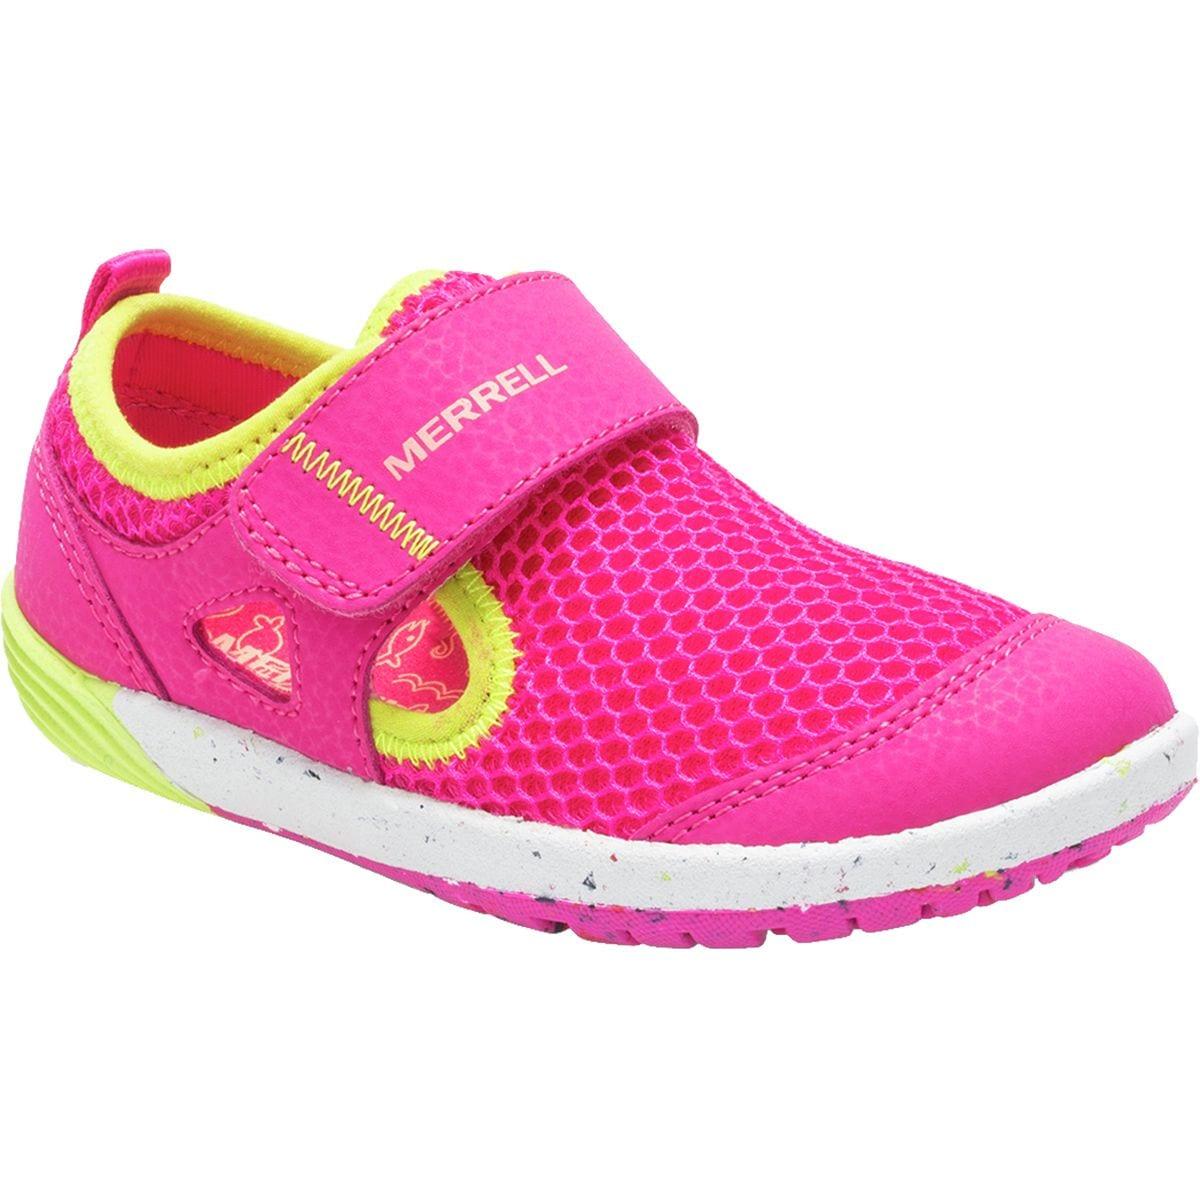 merrell shoes for girls